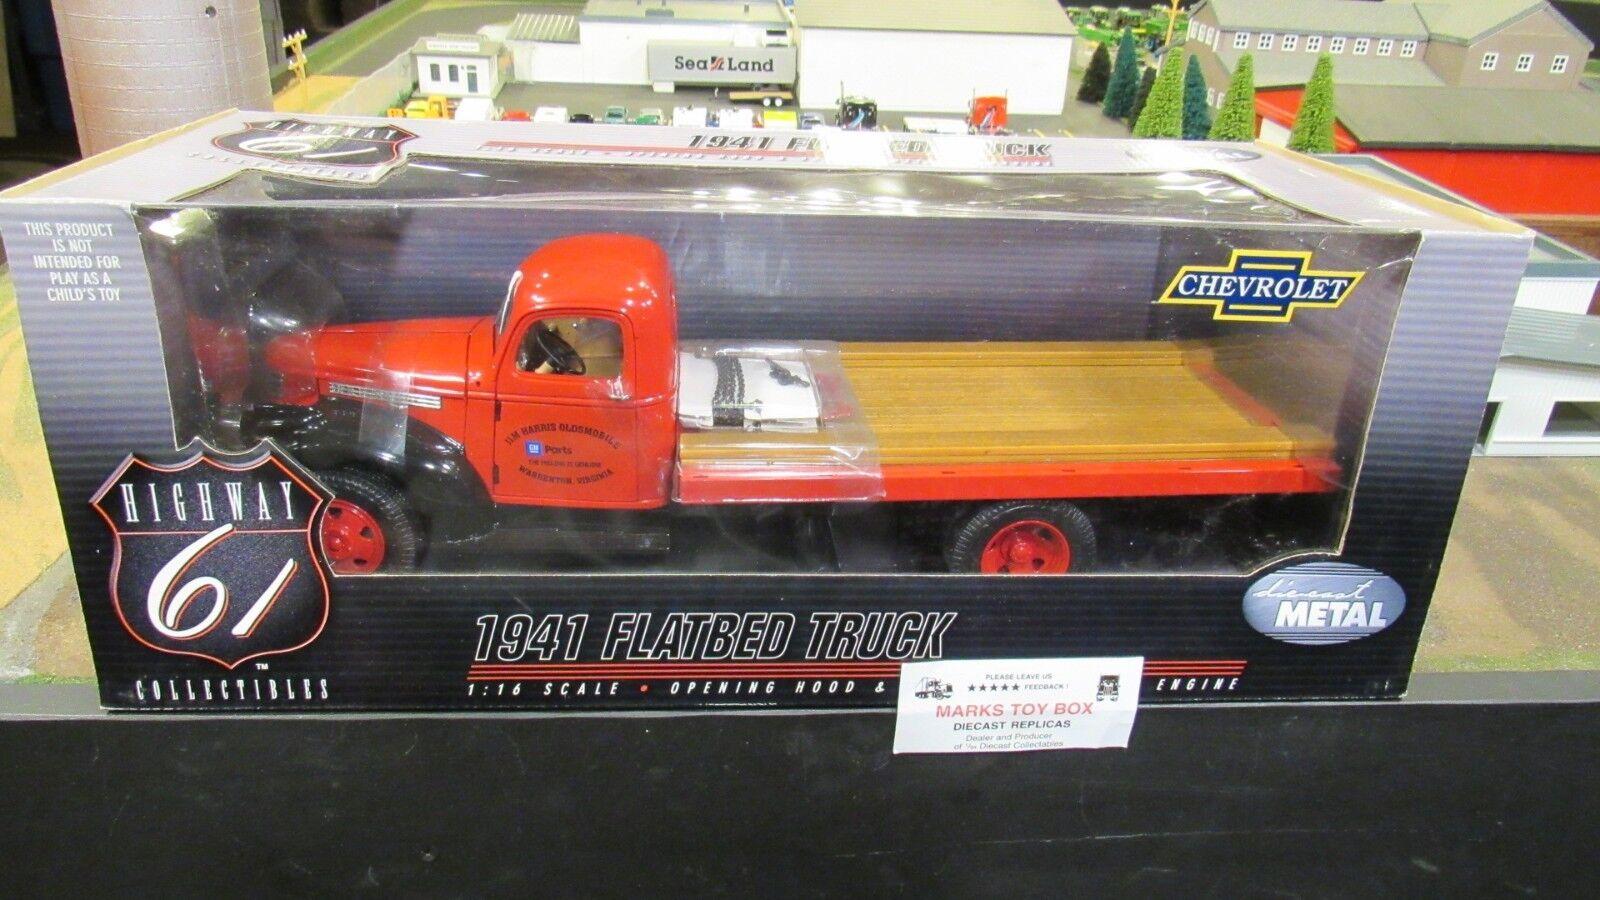 descuento de ventas DCP  60007 Hwy 61 Jim Jim Jim Harris va 1941 Chevrolet Chevy rojo camión de cama plana 1 16 CL  Venta barata